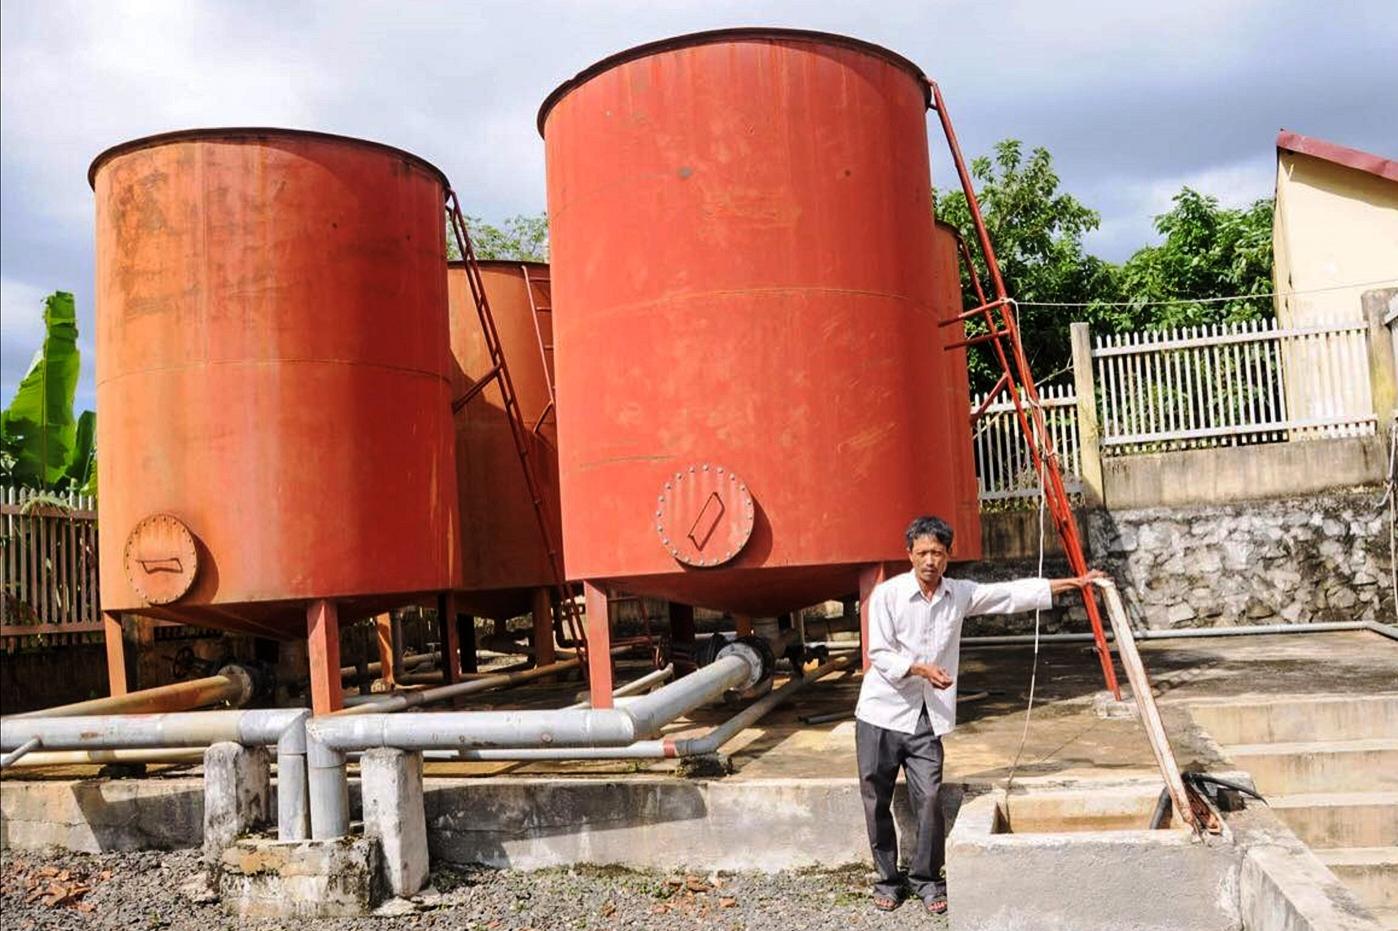 Công trình nước sinh hoạt tập trung huyện Đức Xuyên, tỉnh Đắk Nông bỏ hoang nhiều năm